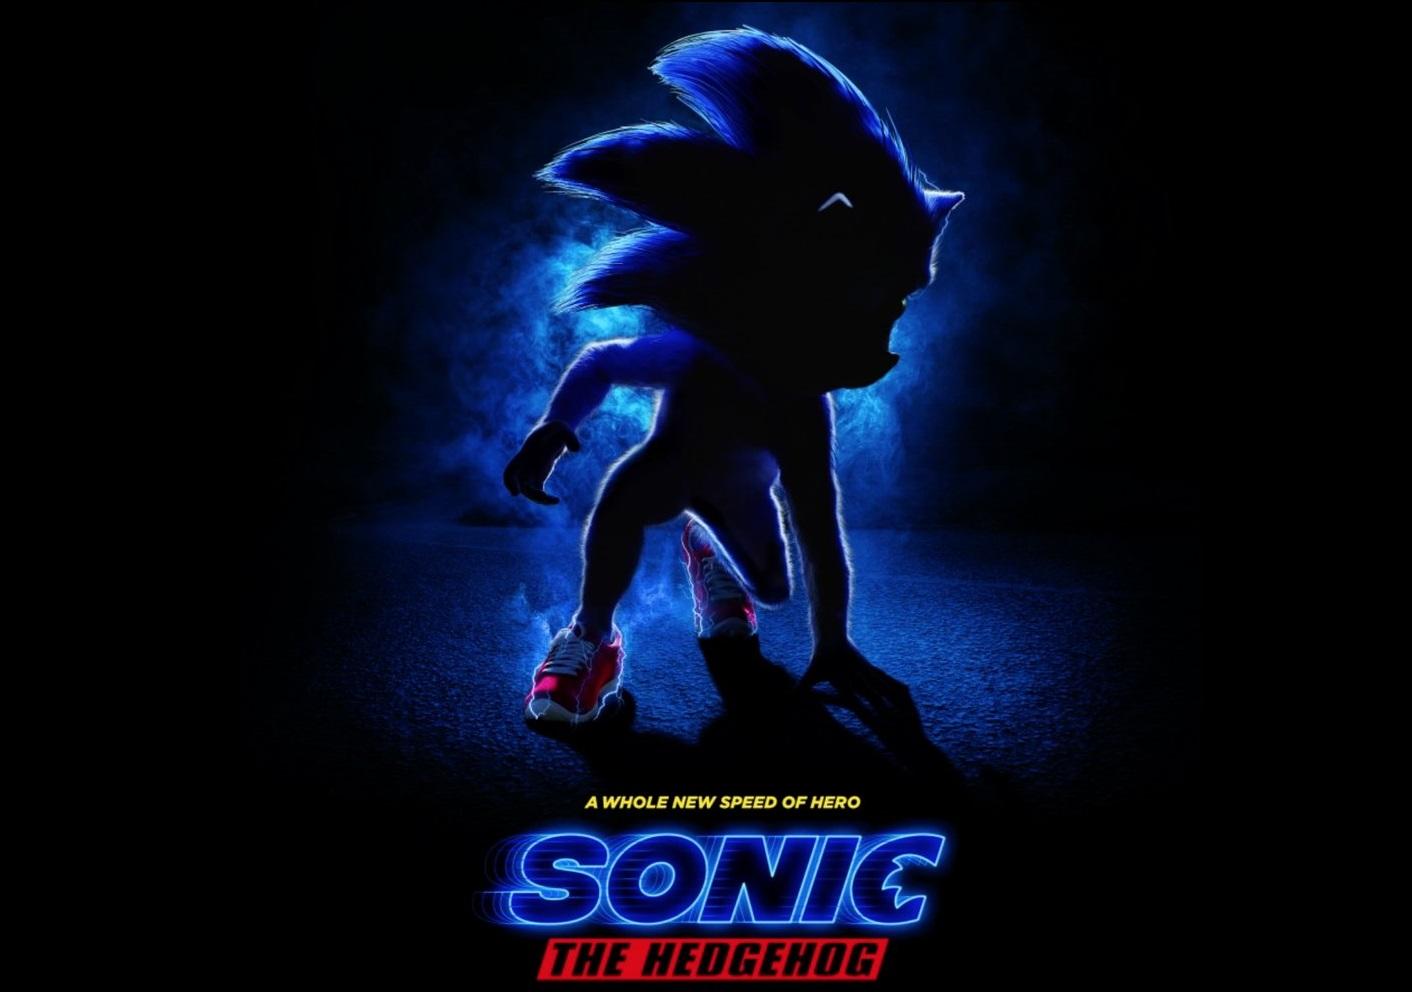 Sonic The Hedgehog Kinofilm